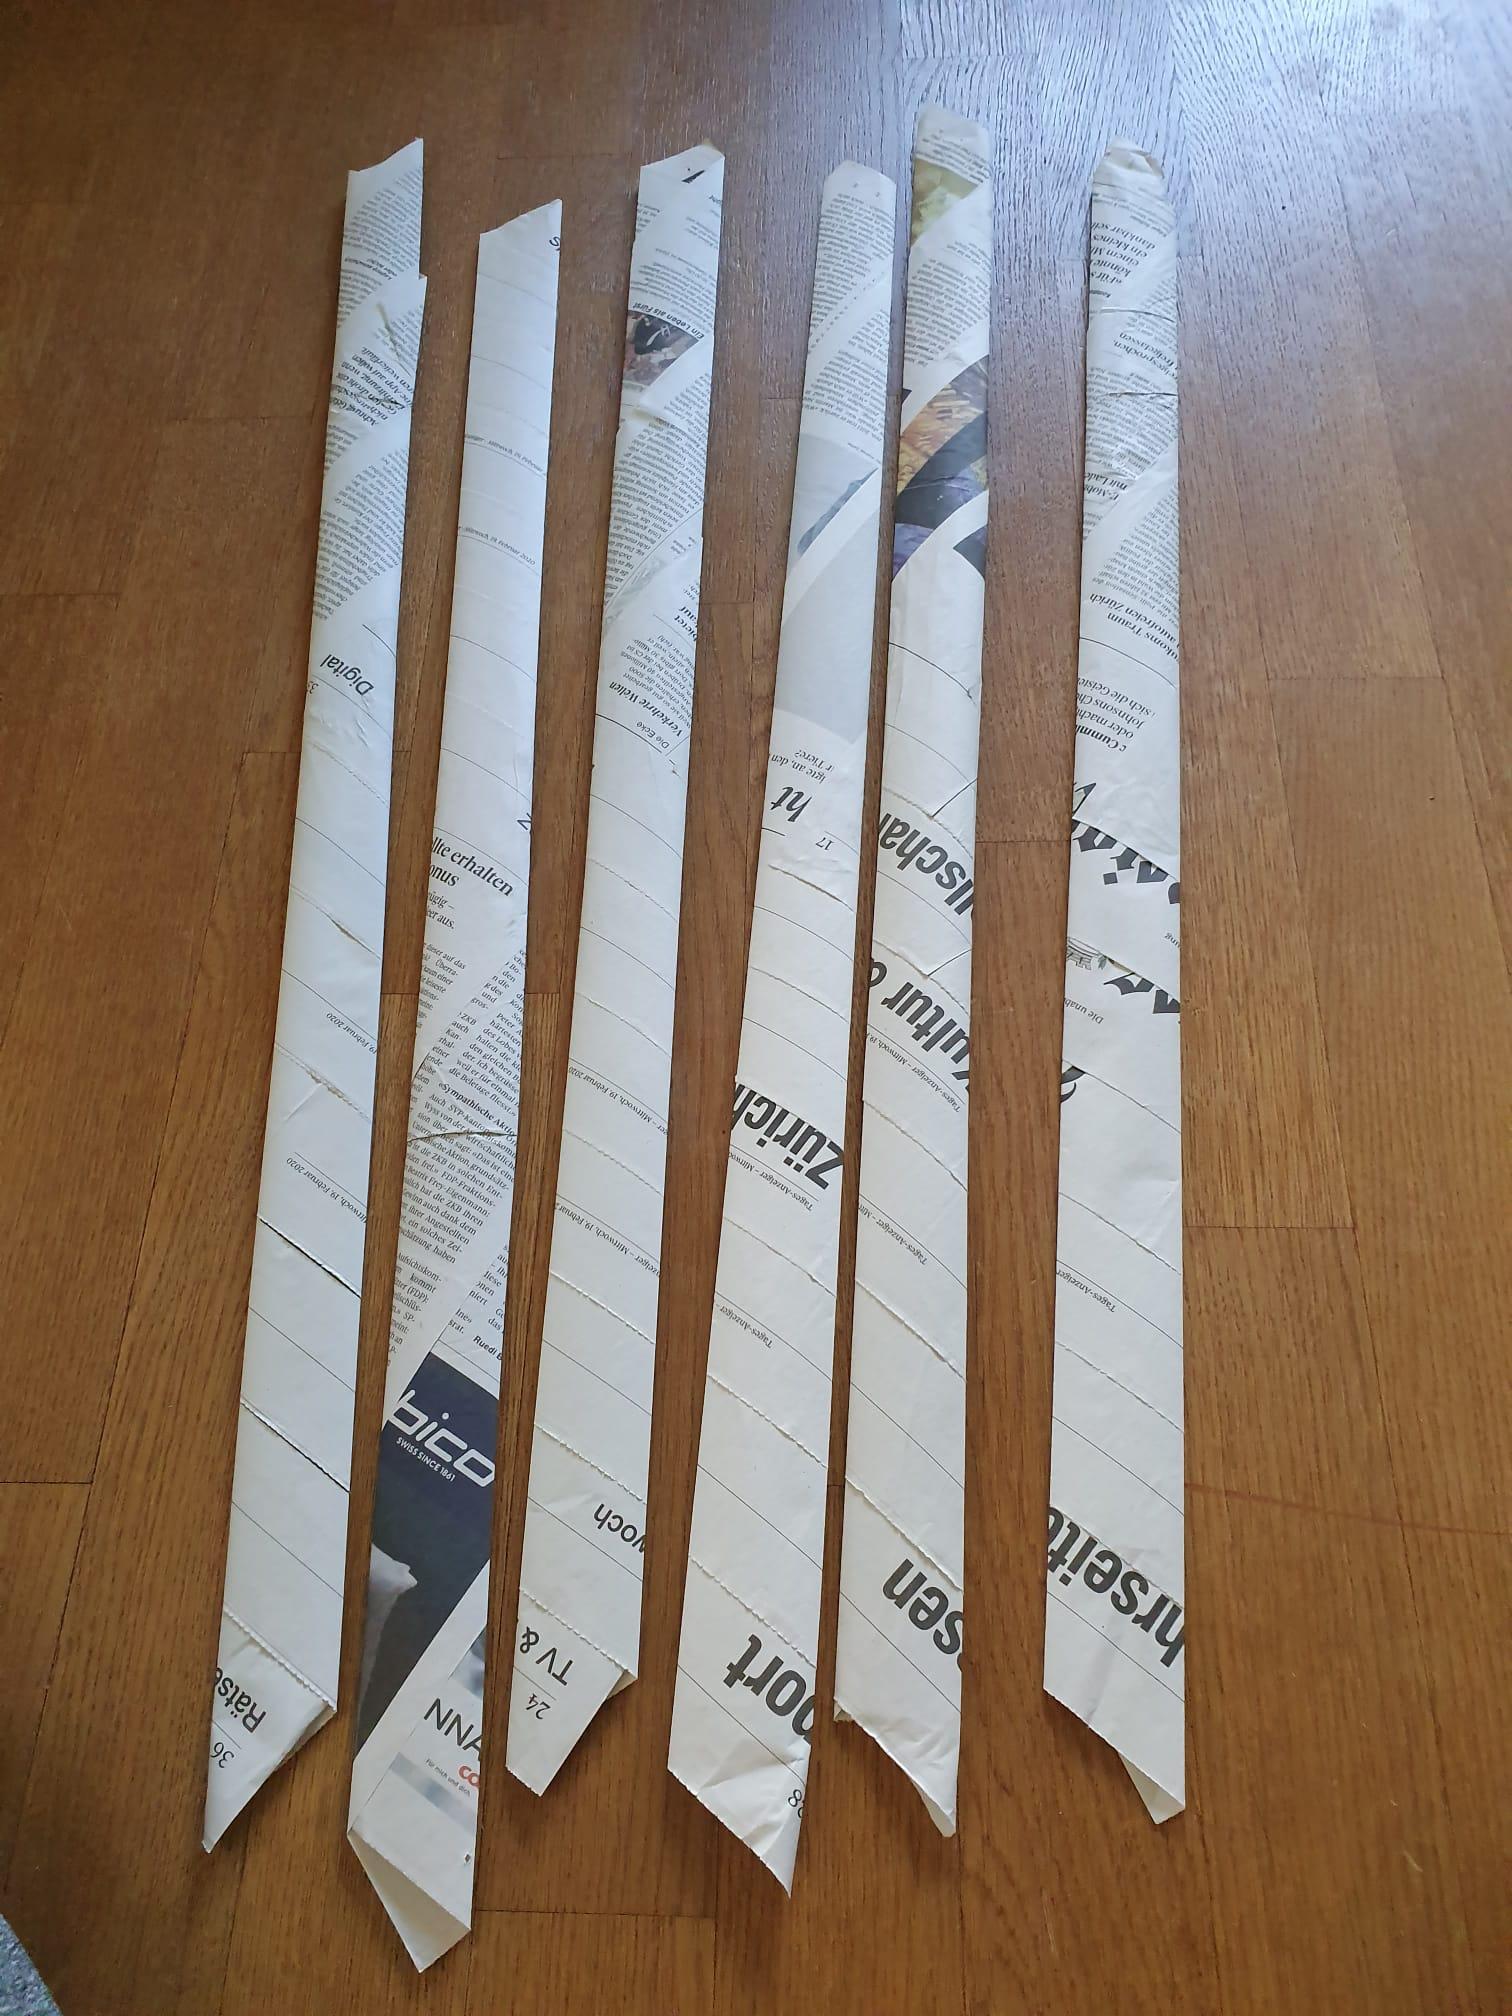 Wenn du eine grosse Schale willst, musst du ganz viele Zeitungs-Blätter aufrollen. Diese Schale ist aus 6 Blättern gemacht.